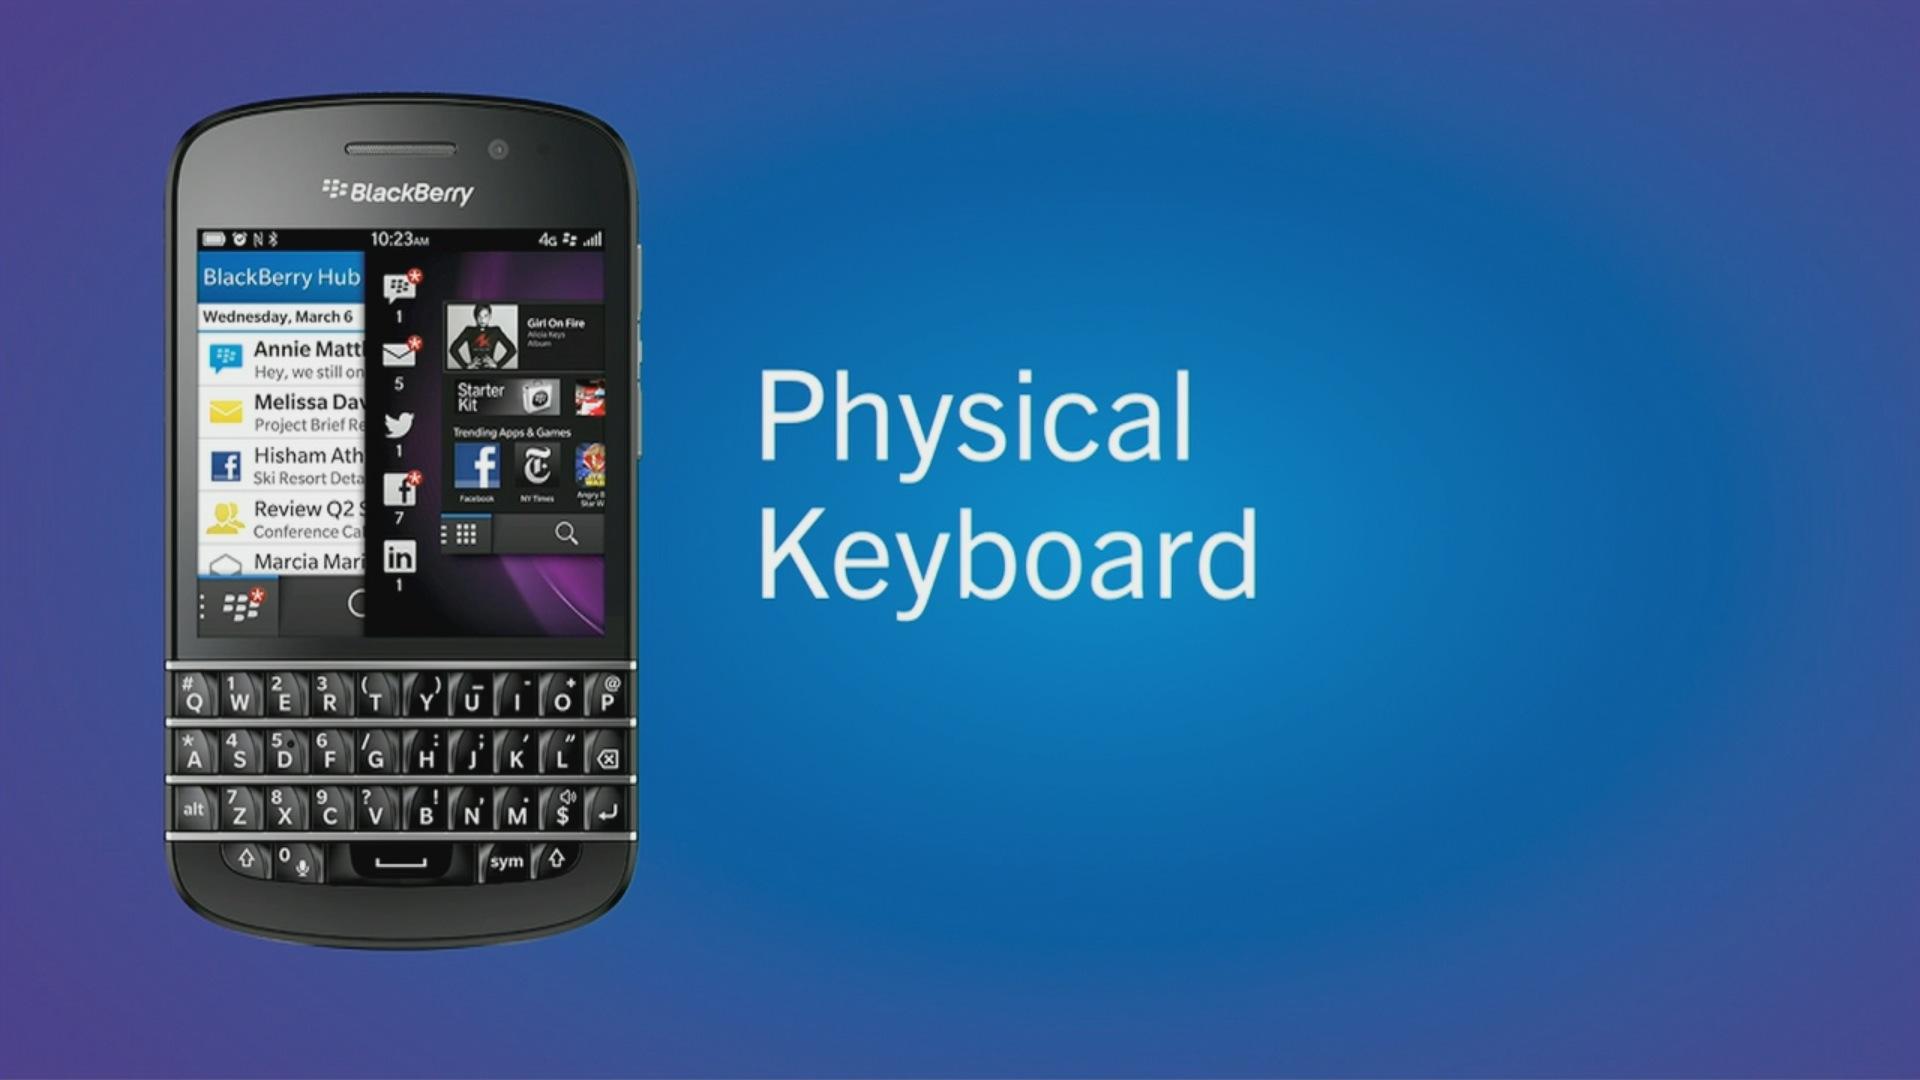 Blackberry Z10 und Q10: Erste Smartphones mit Blackberry 10 vorgestellt - Blackberry Q10 (Quelle: Blackberry / Screenshot: Golem.de)